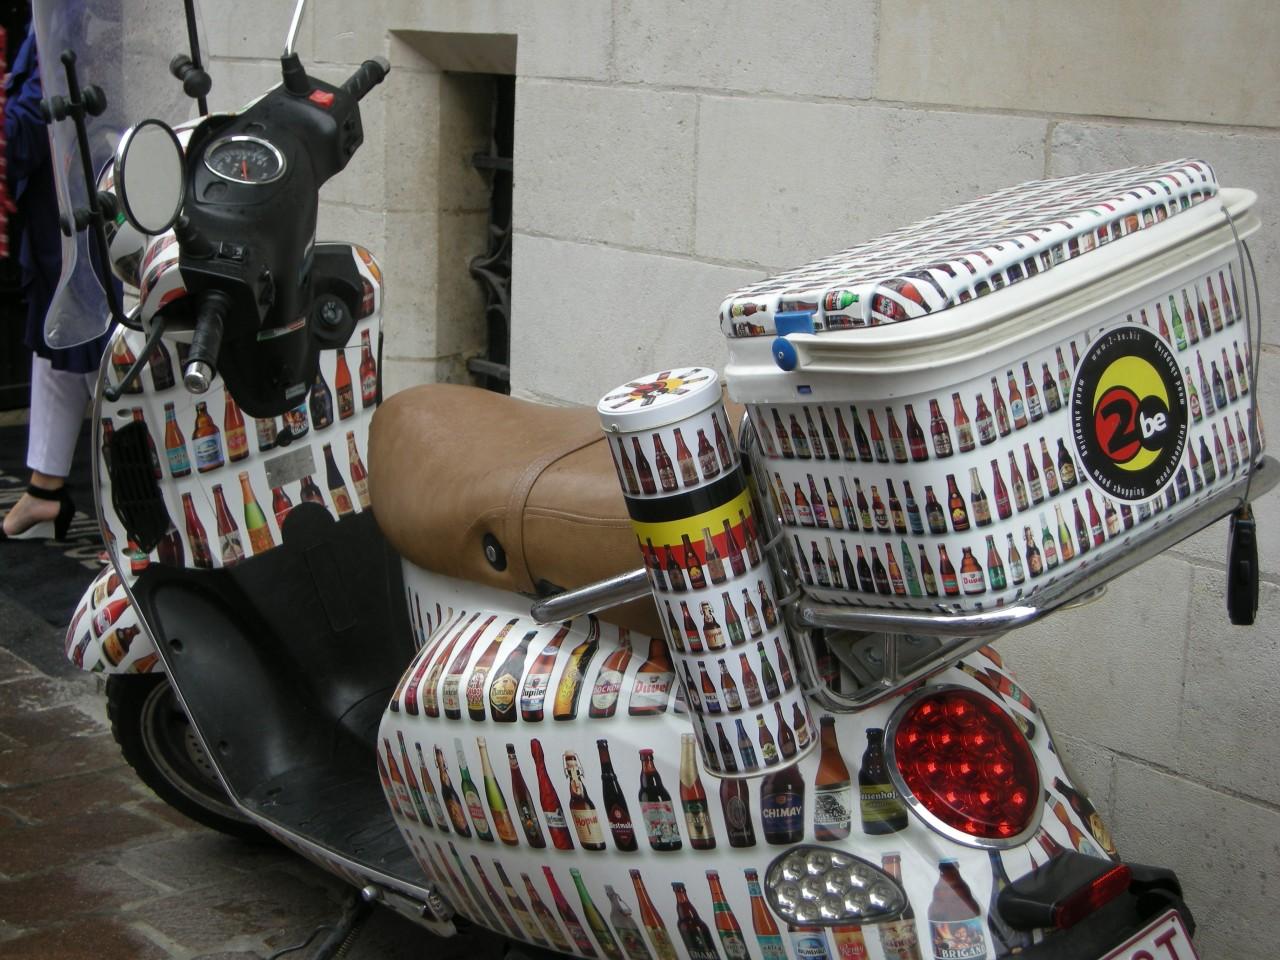 Belgian Beer bike